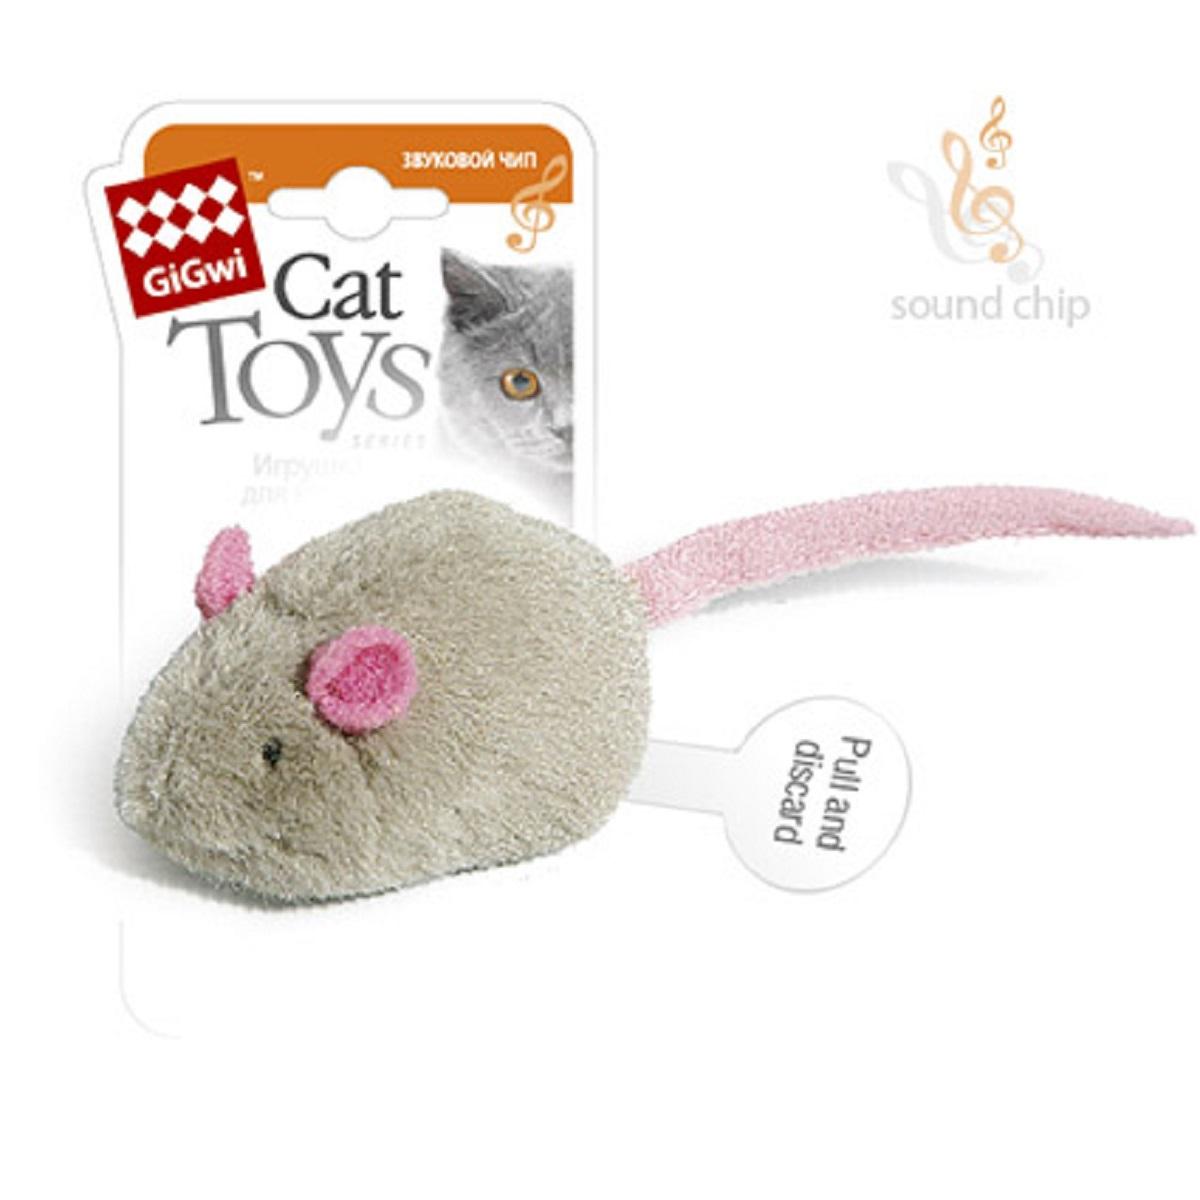 Игрушка для кошек GiGwi Мышка с электронным чипом75040GiGwi игрушка для кошек Мышка с электронным чипом Игрушка для кошек. Игрушка для кошки с музыкальным чипом, срабатывающим при прикосновении, три звуковых эффекта.